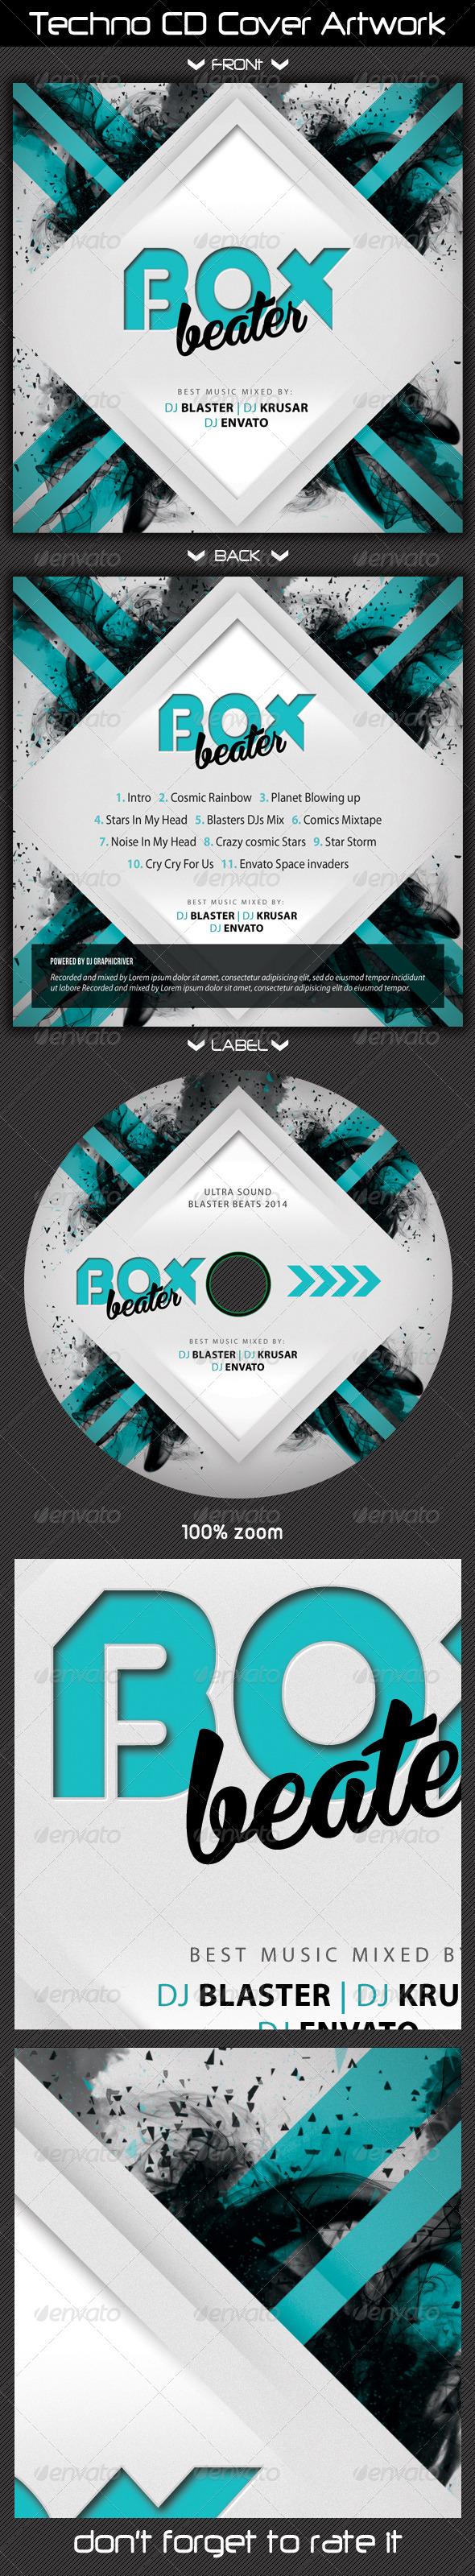 GraphicRiver Techno CD Cover Artwork 03 7512951